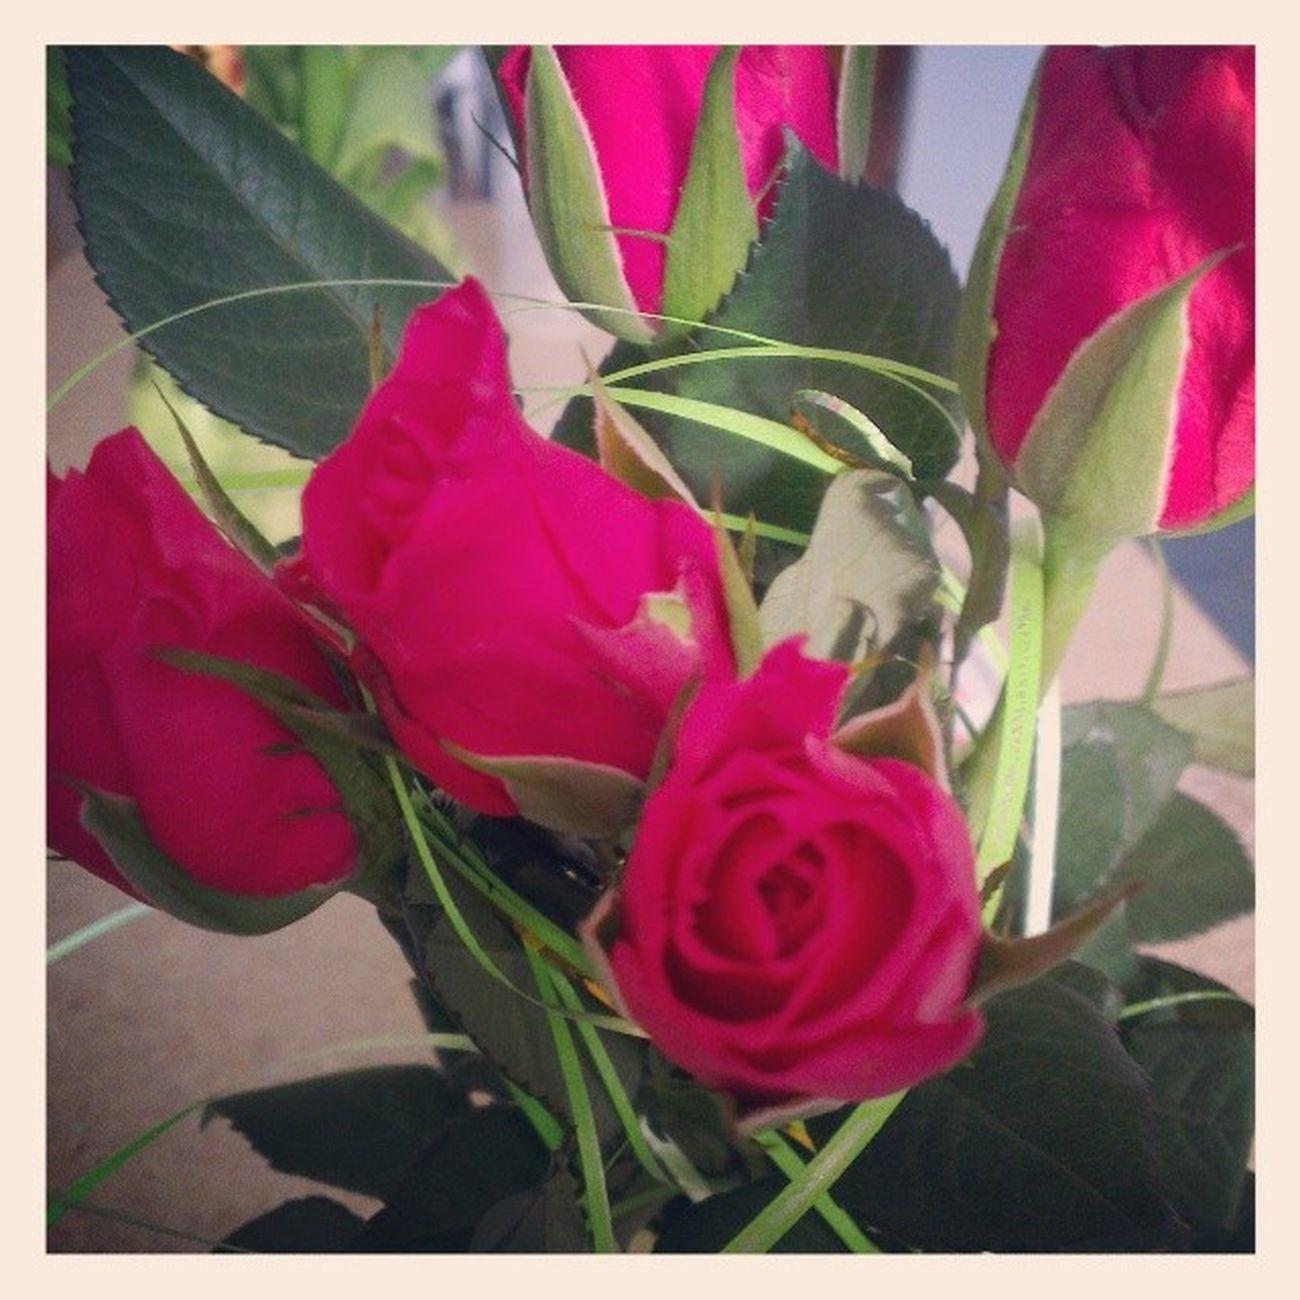 8марта цветы розы поздравляю